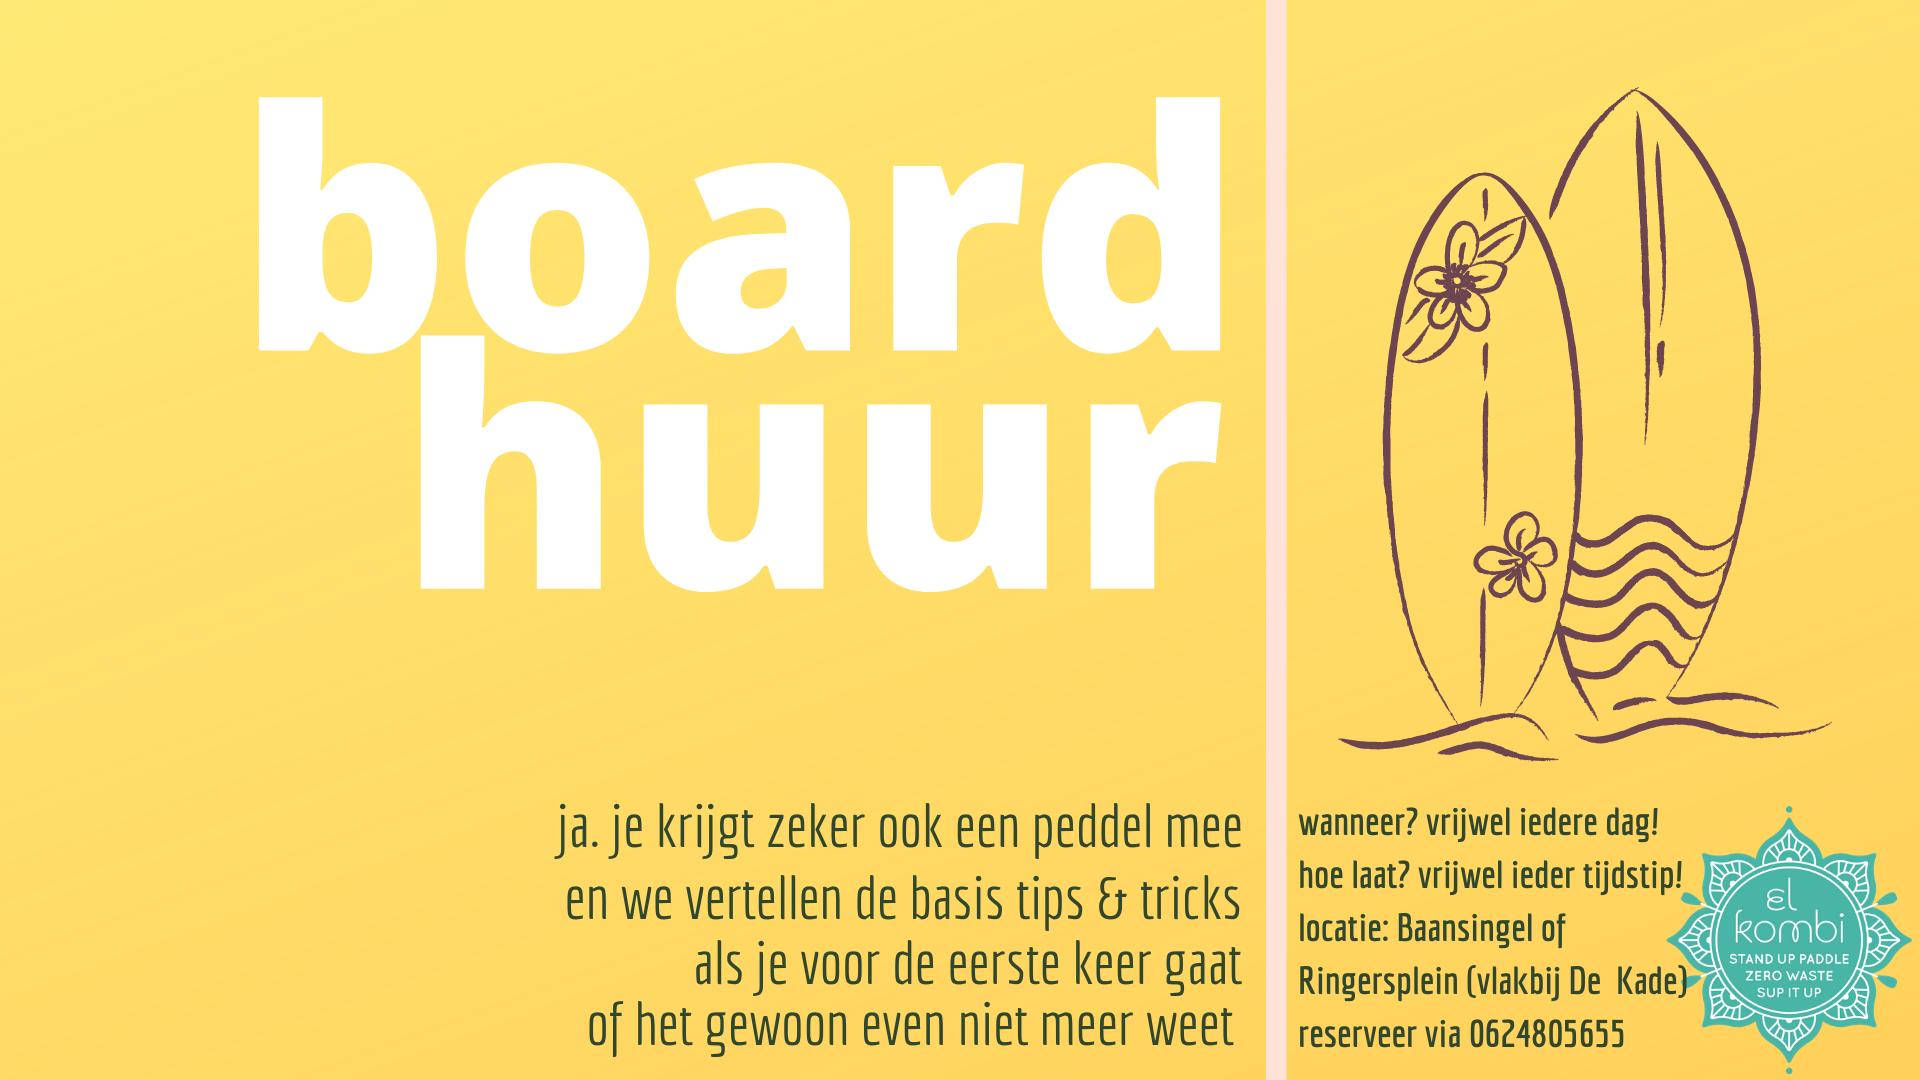 2020 zomer Board Huur Suppen in Alkmaar FB suppen in alkmaar